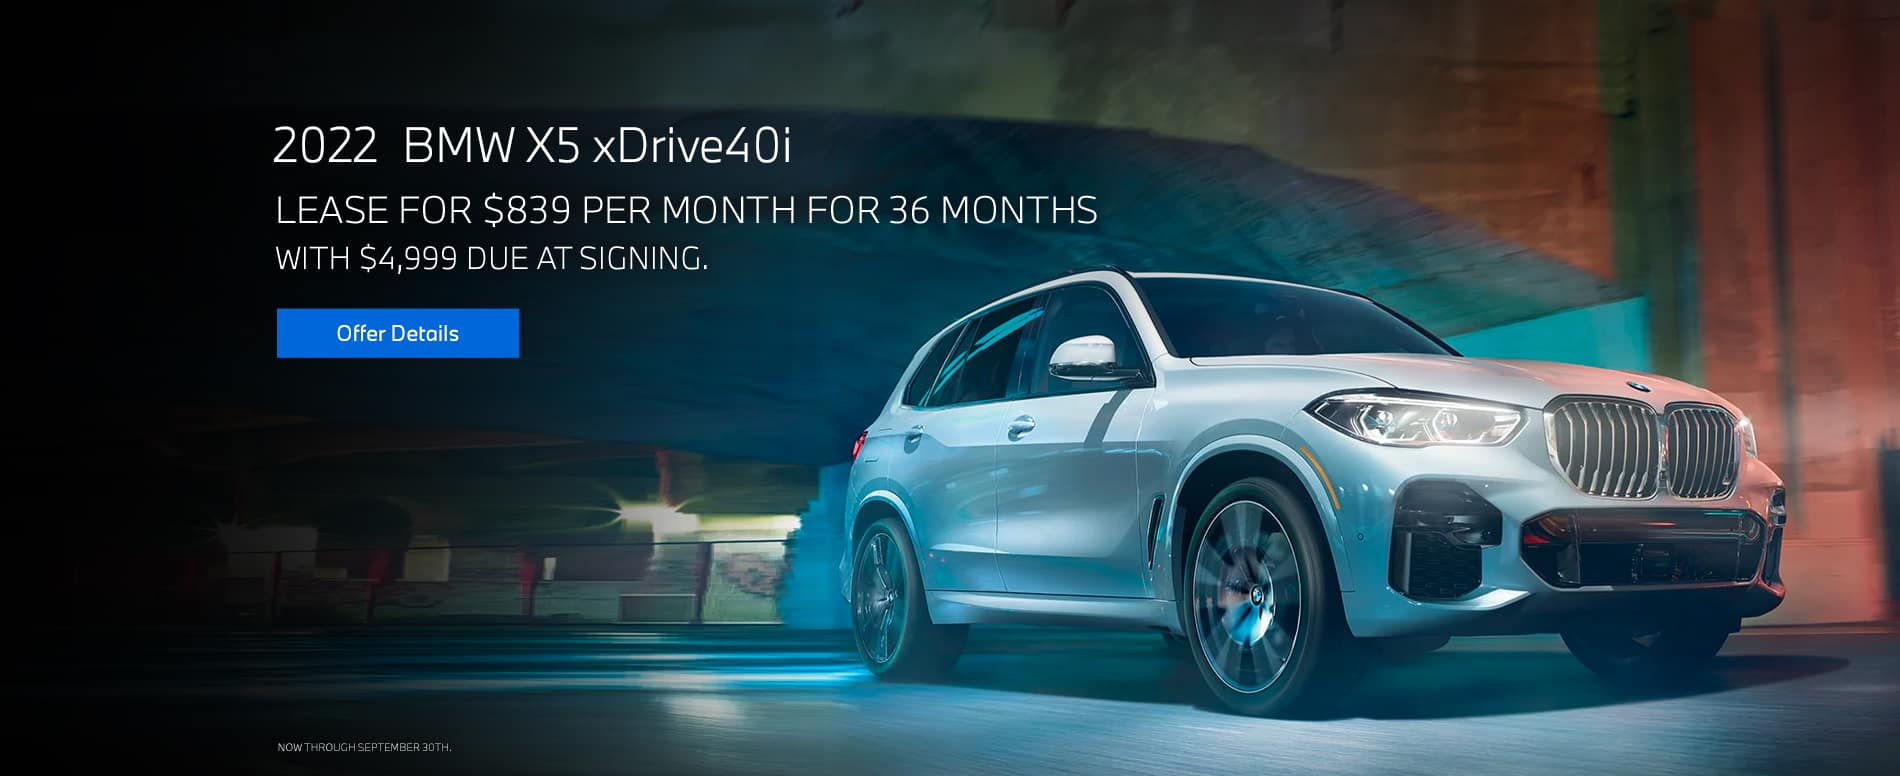 Lease a 2022 BMW X5 xDrive40i, $839